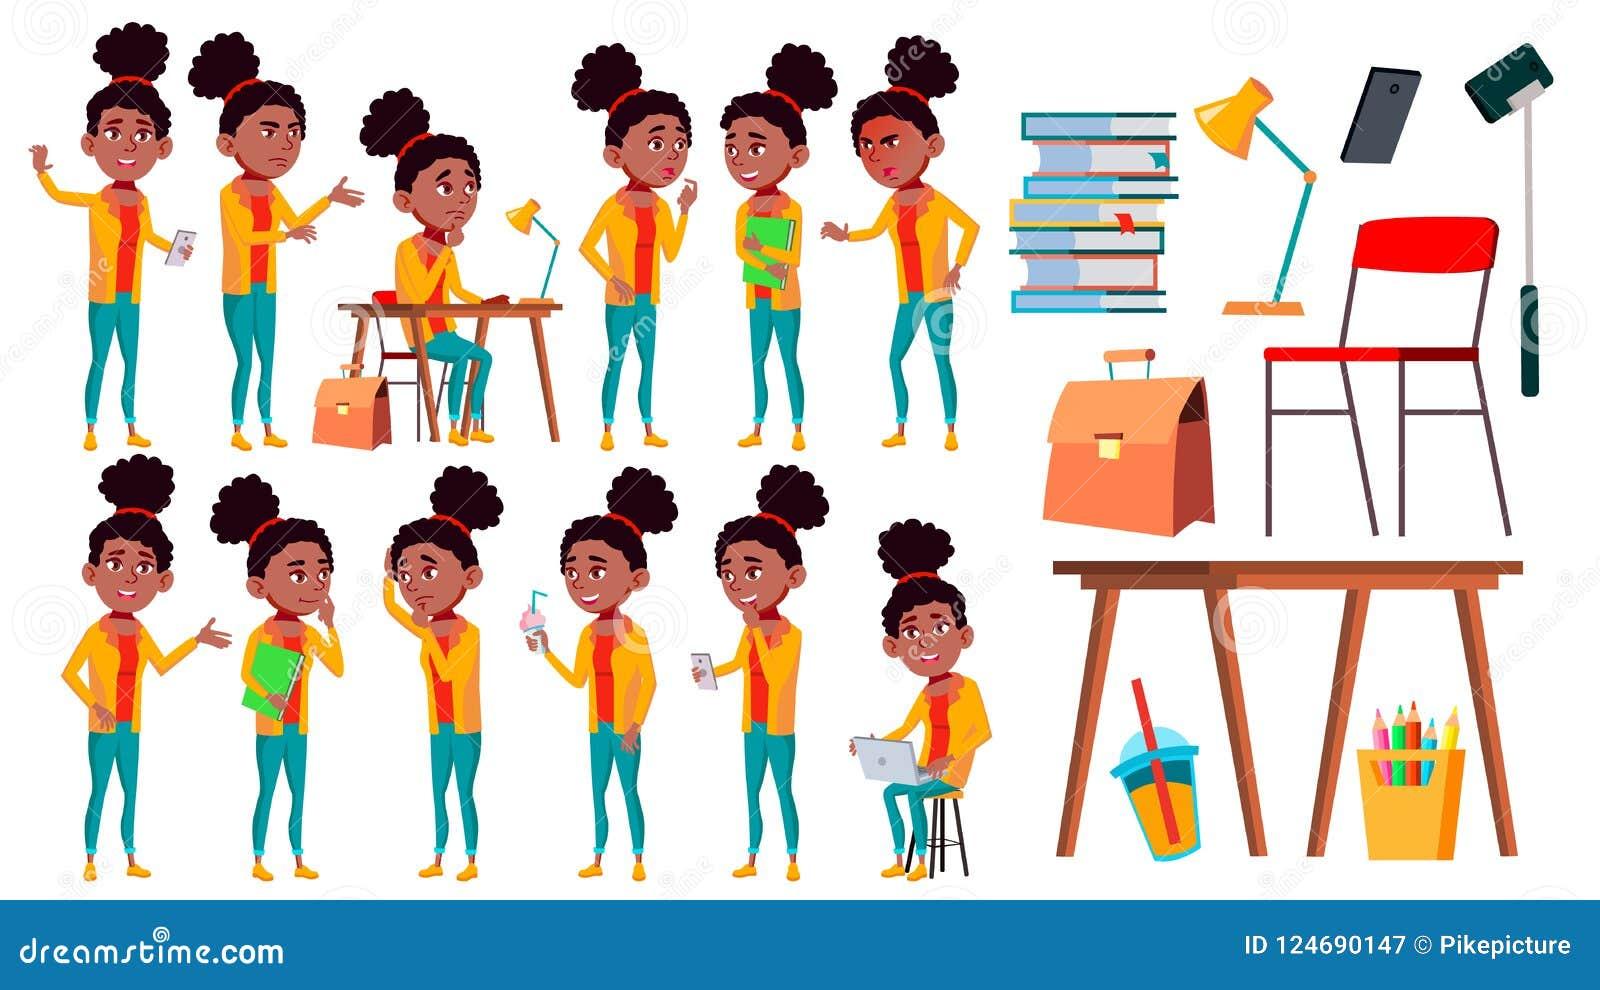 青少年的女孩姿势被设置的传染媒介 休闲,微笑 投反对票 美国黑人 对网,小册子,海报设计 被隔绝的动画片